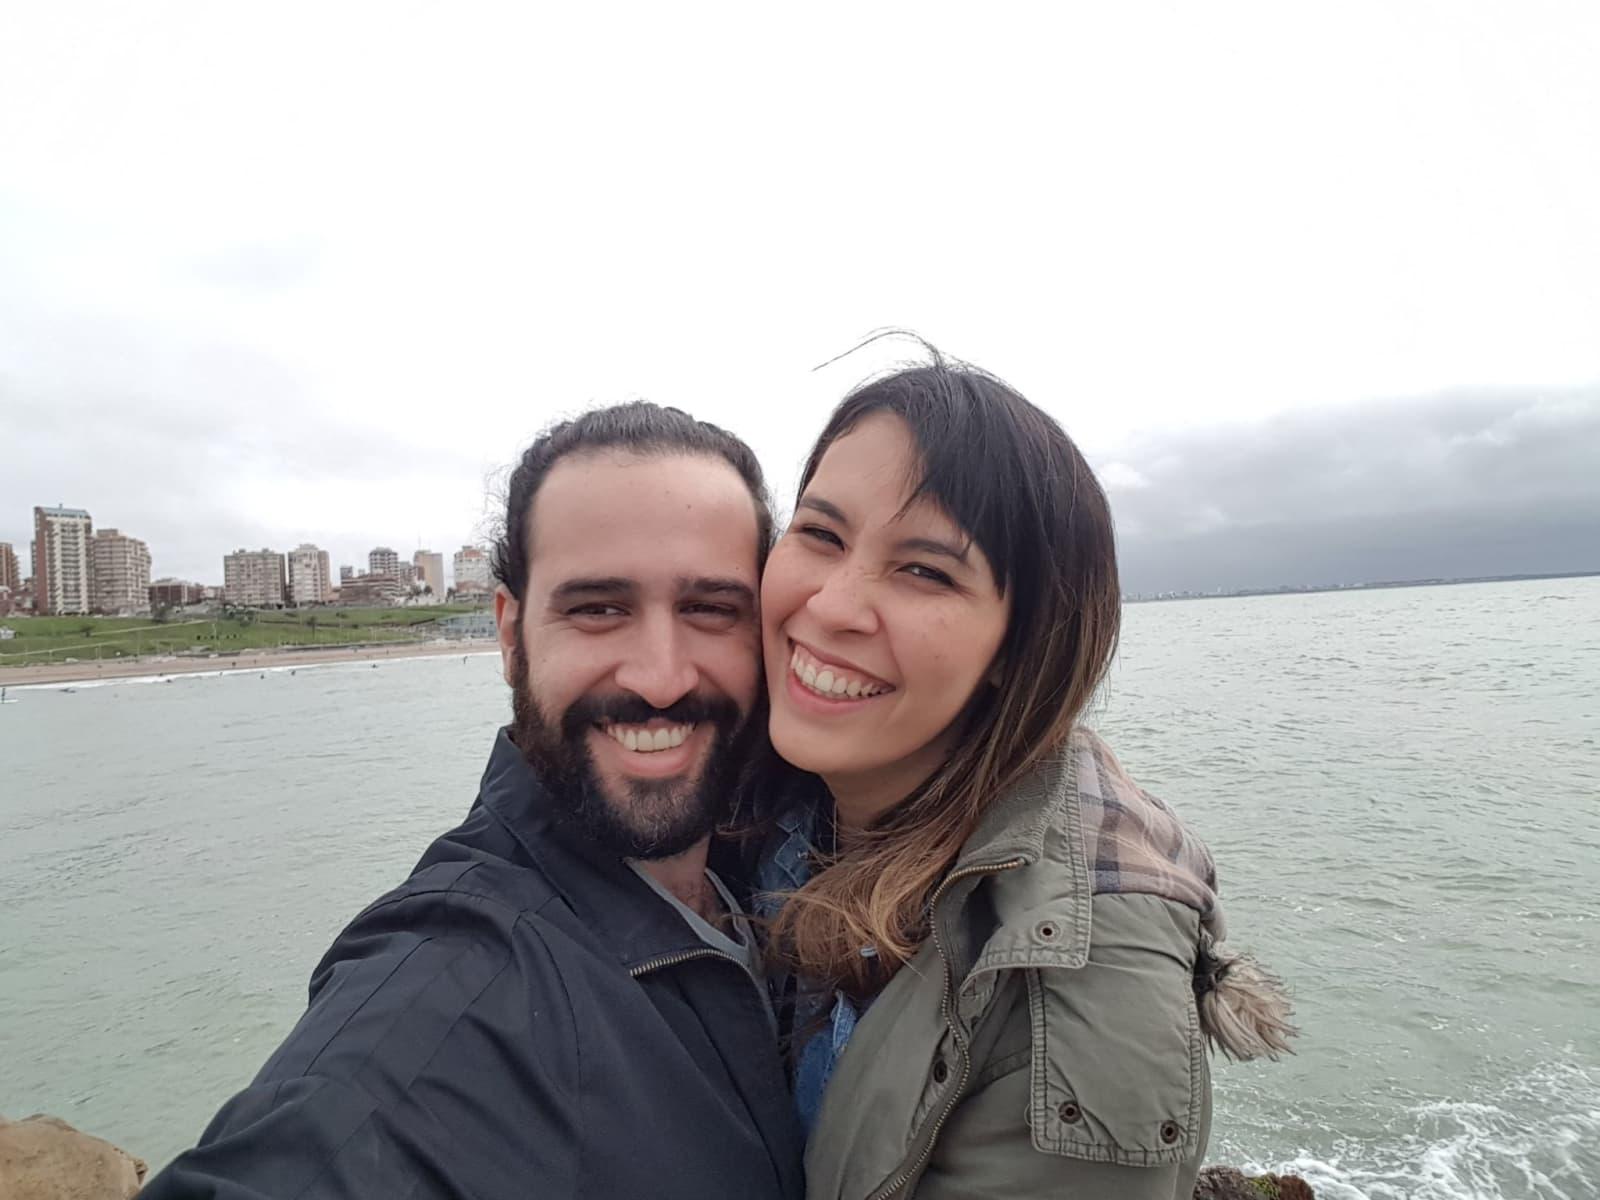 Maximiliano & Daiana carolina from Villa Urquiza, Argentina